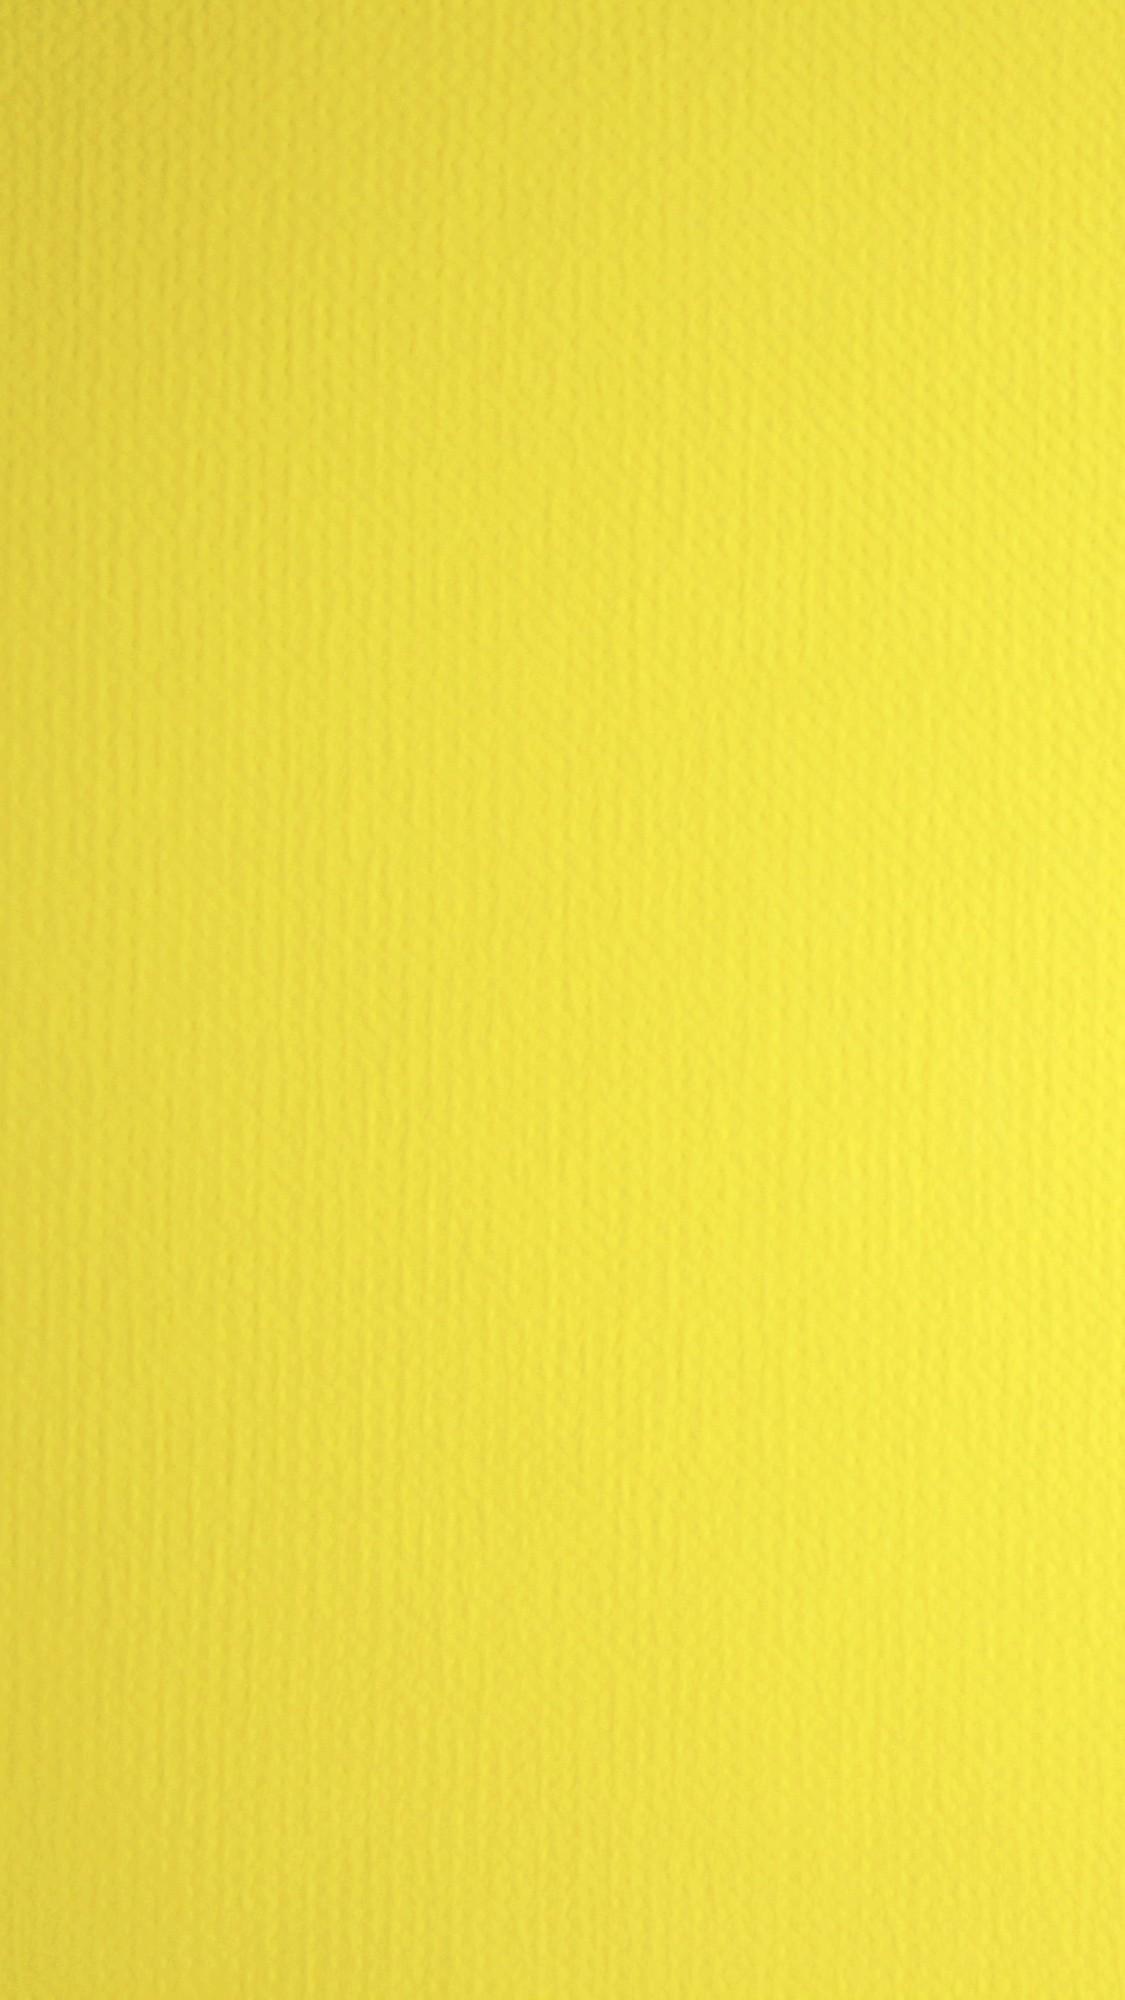 Tapete Esprit Home 6 Vliestapete 2224 35 222435 Gelb 2 71